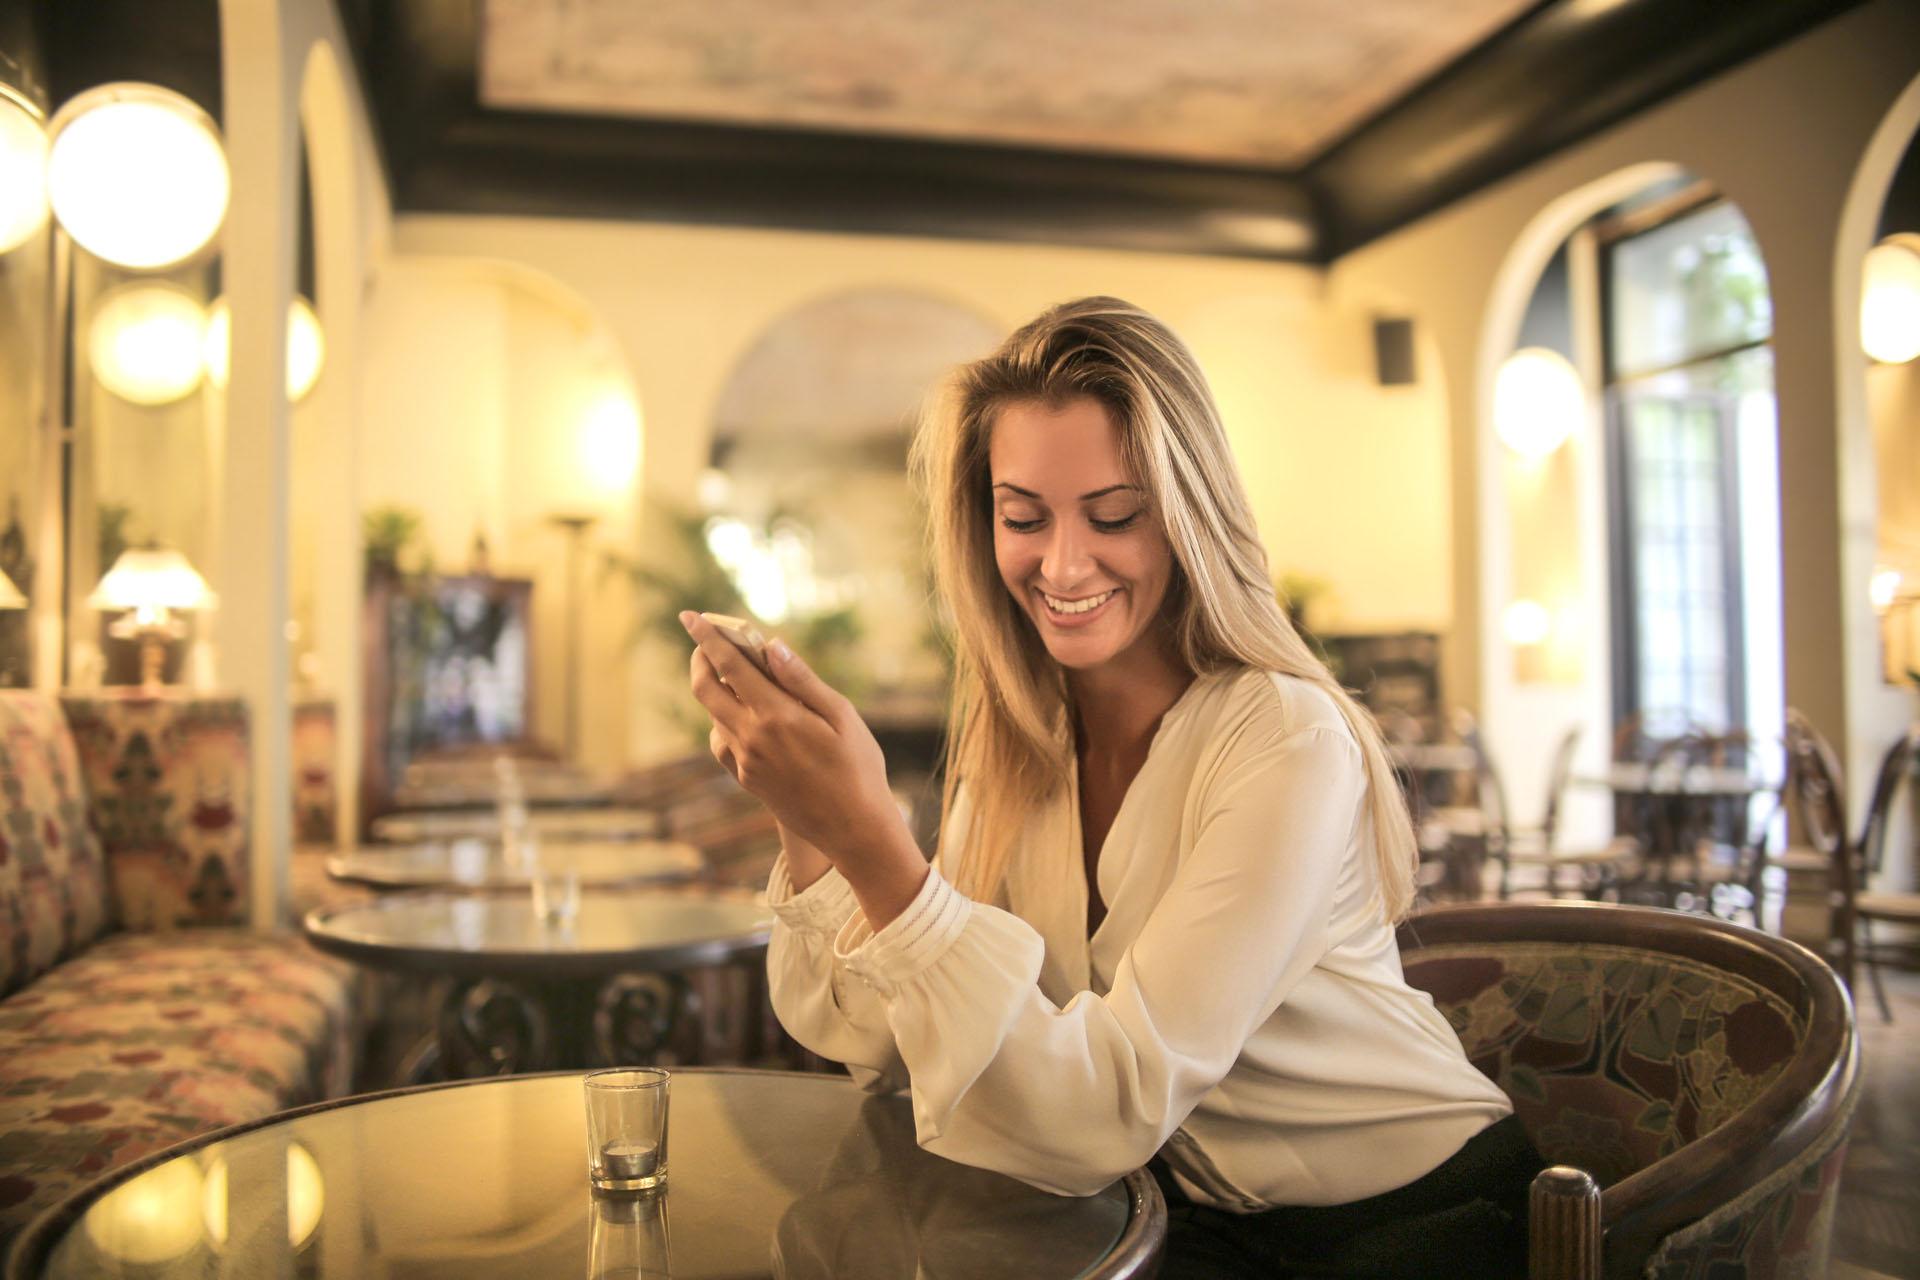 comment décoder les SMS chez une femme